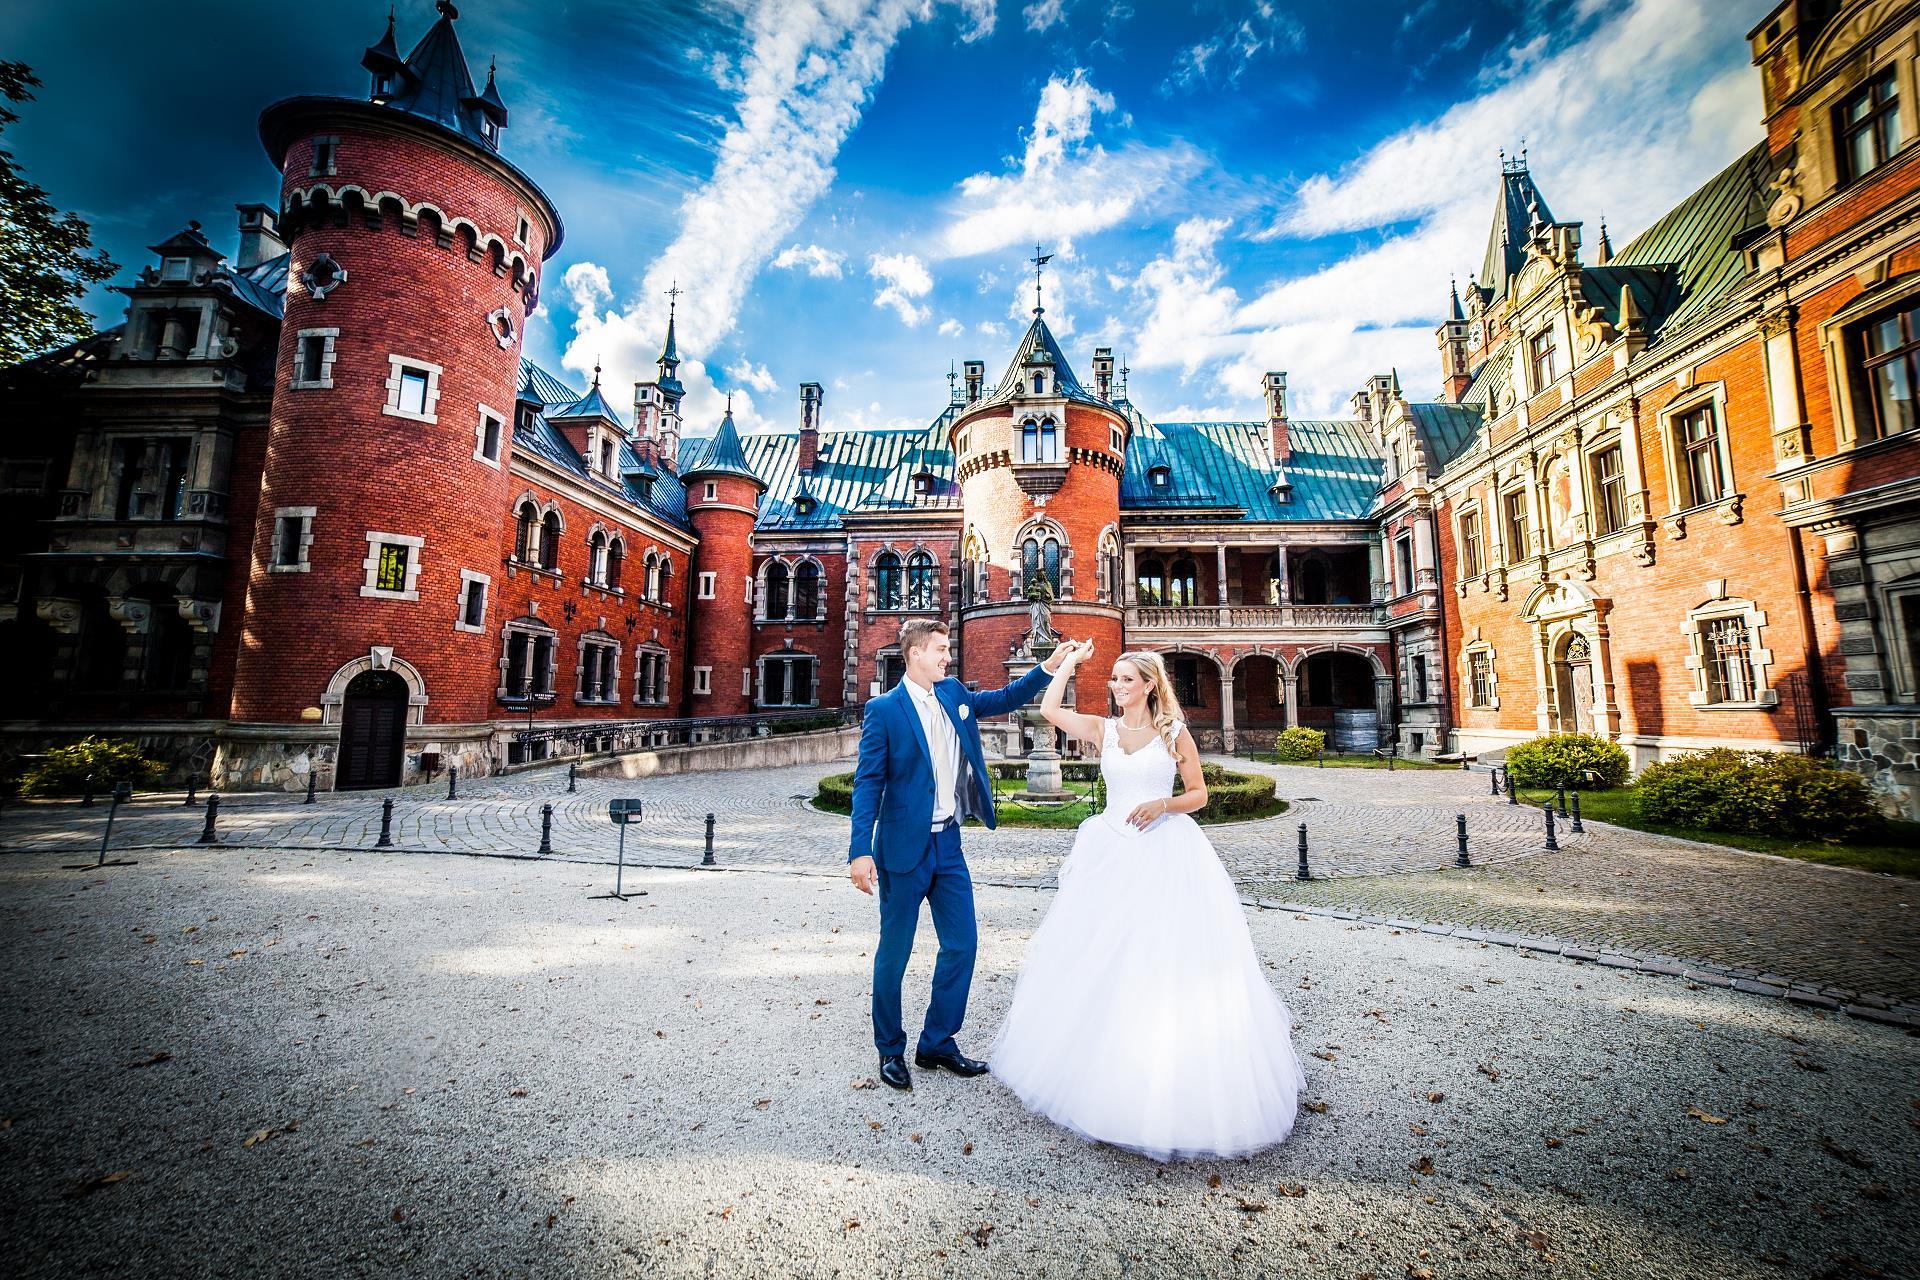 fotograf na ślub śląsk, fotograf ślubny śląskie, sesje plenerowe zagłębie, plener pałac pławniowice